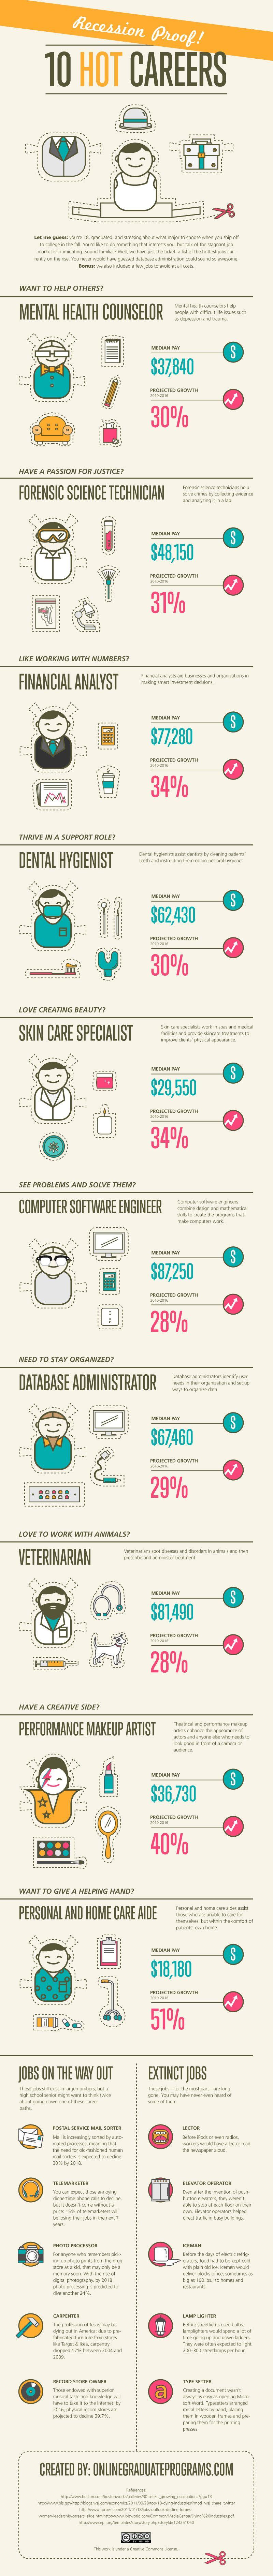 23 Jobs And Careers Ideas Job Online Job Applications Job Application